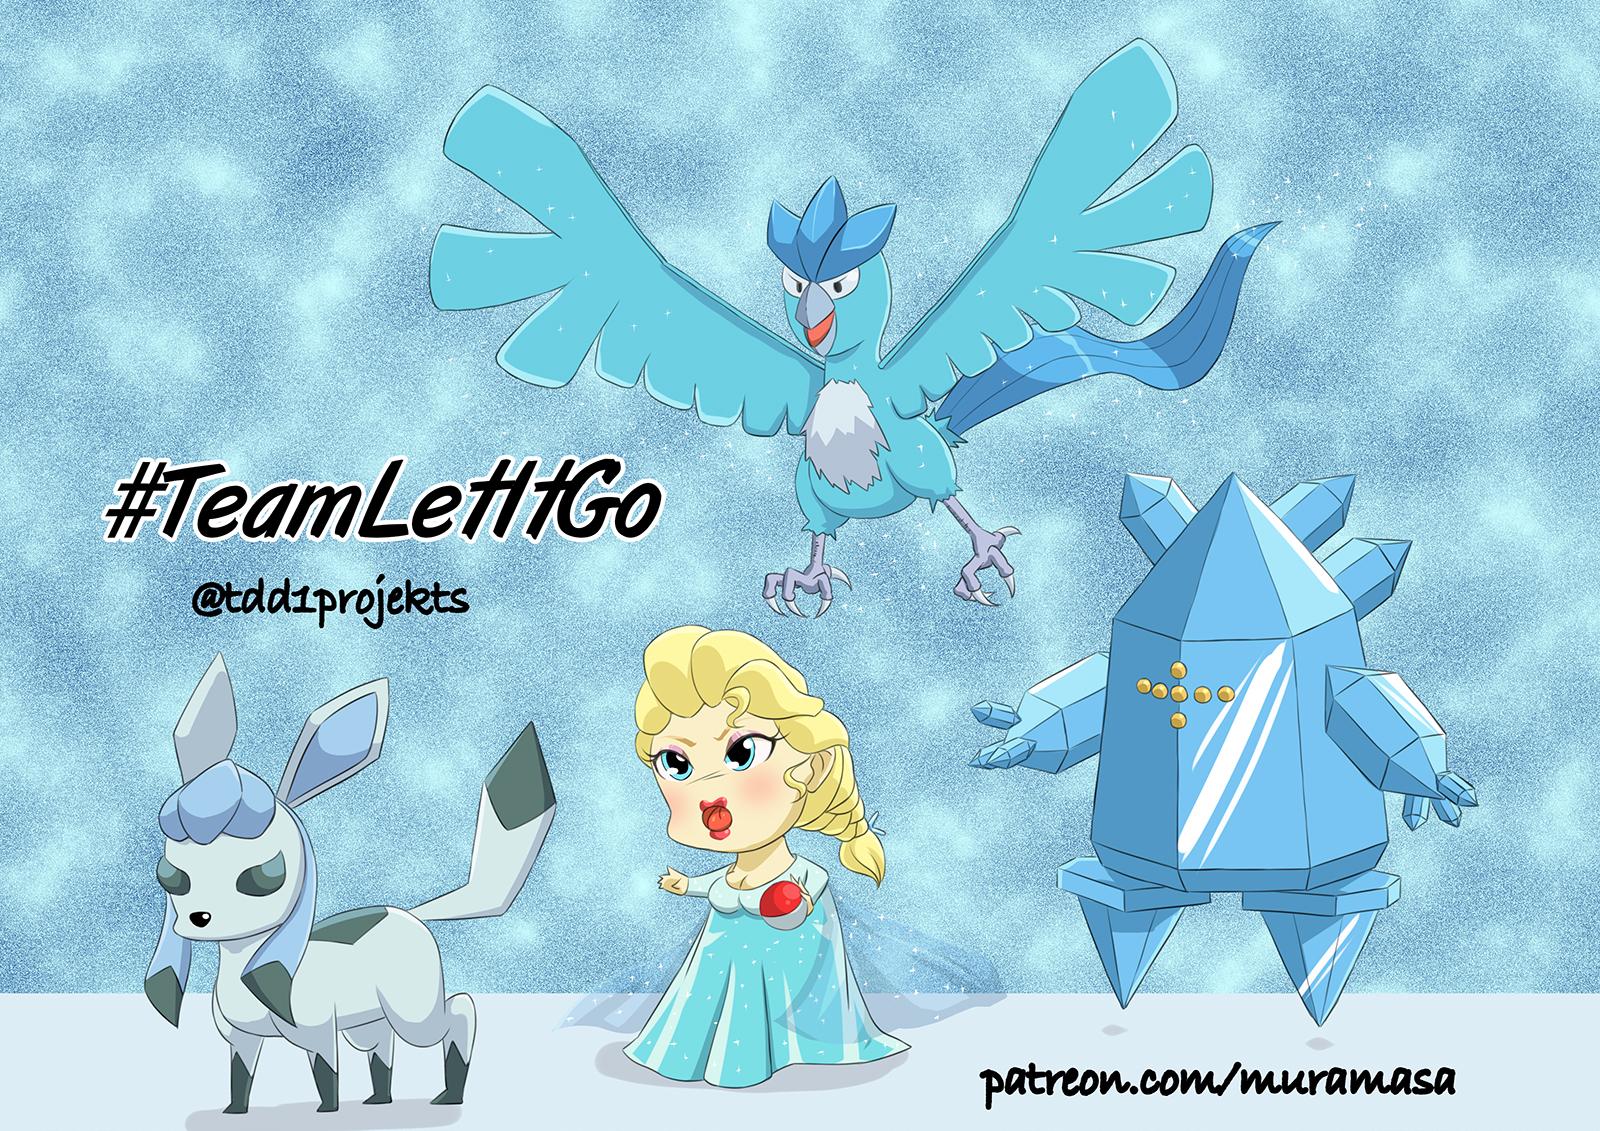 Chibi Elsa and Ice Pokemon #TeamLetItGo